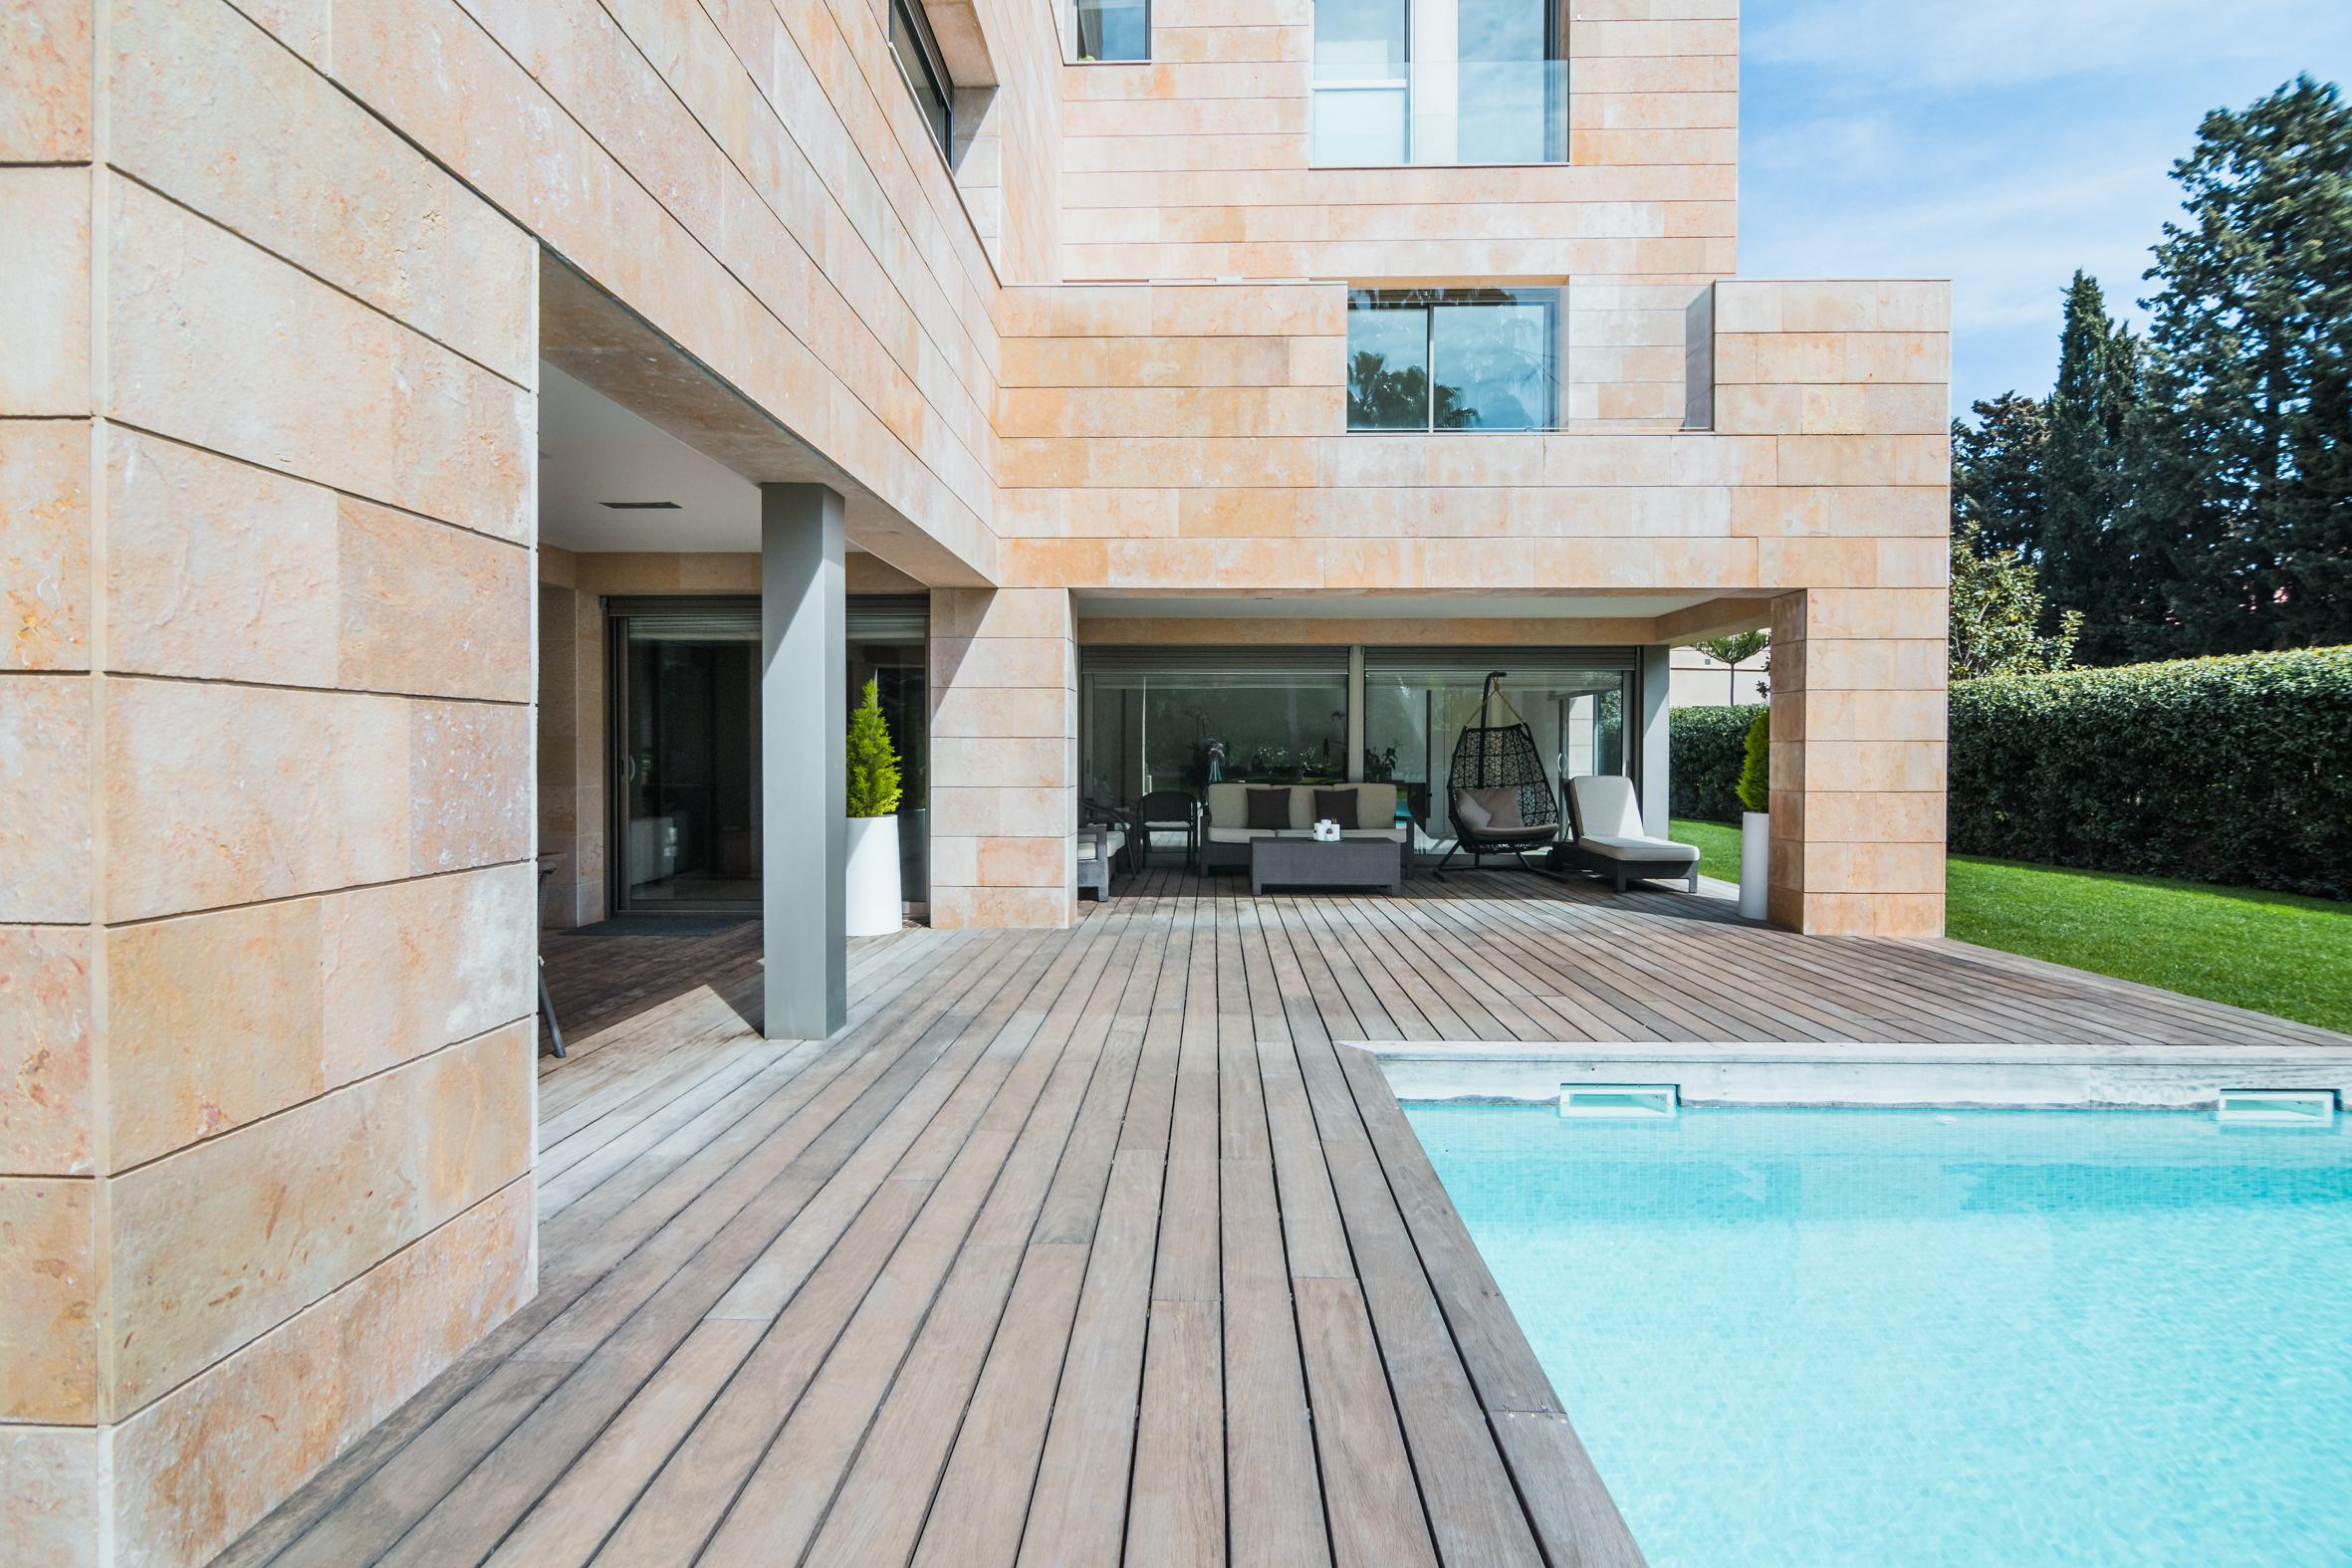 204447 Casa en venda en Les Corts, Pedralbes 9